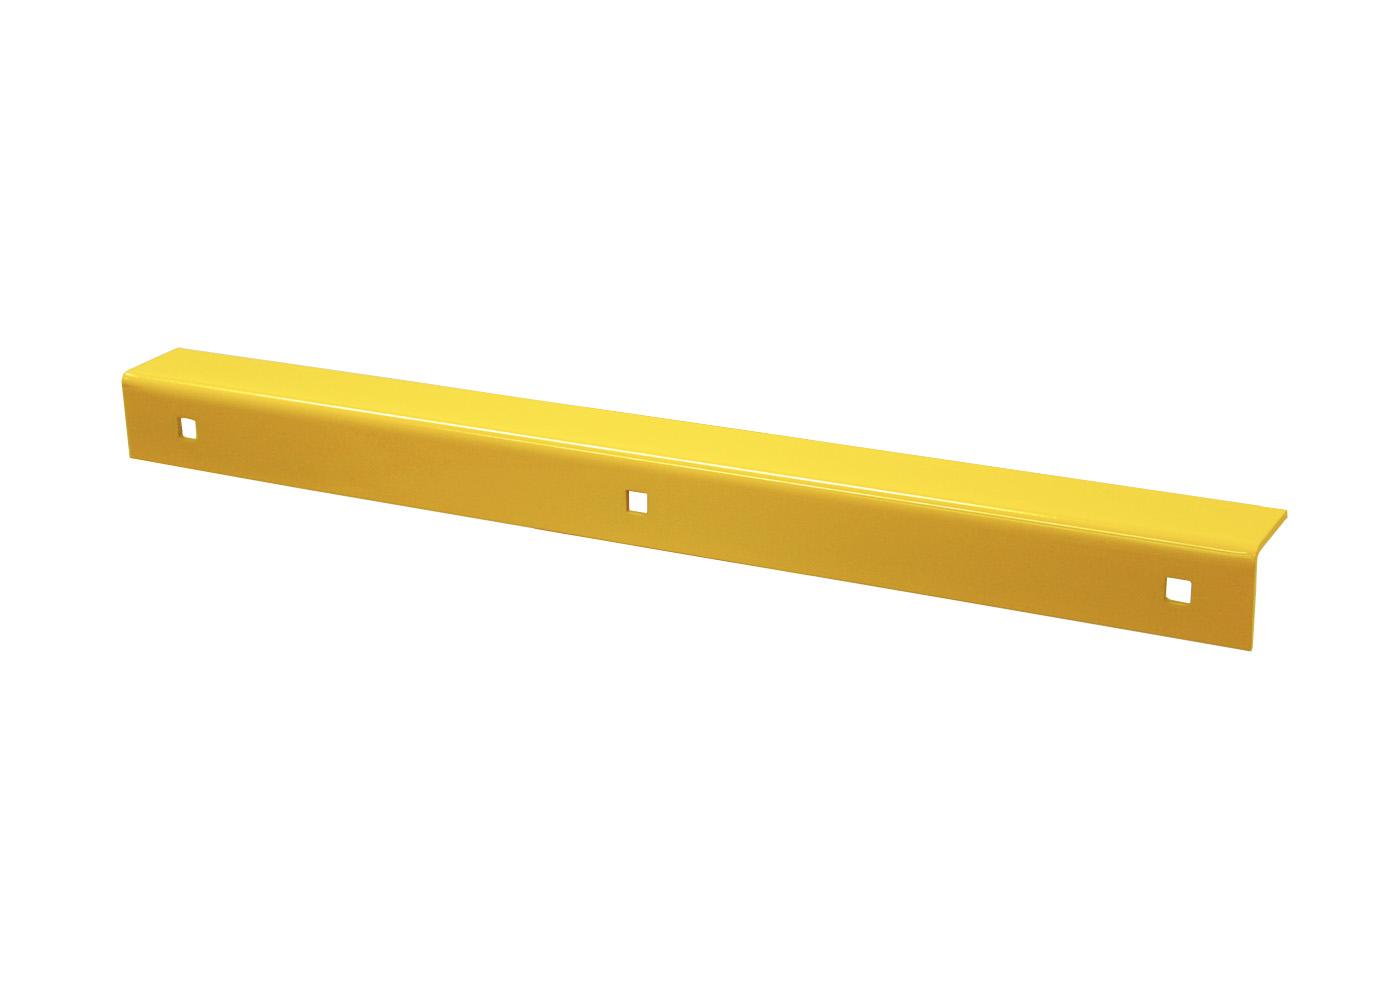 A12602-angle-bracket-1400w